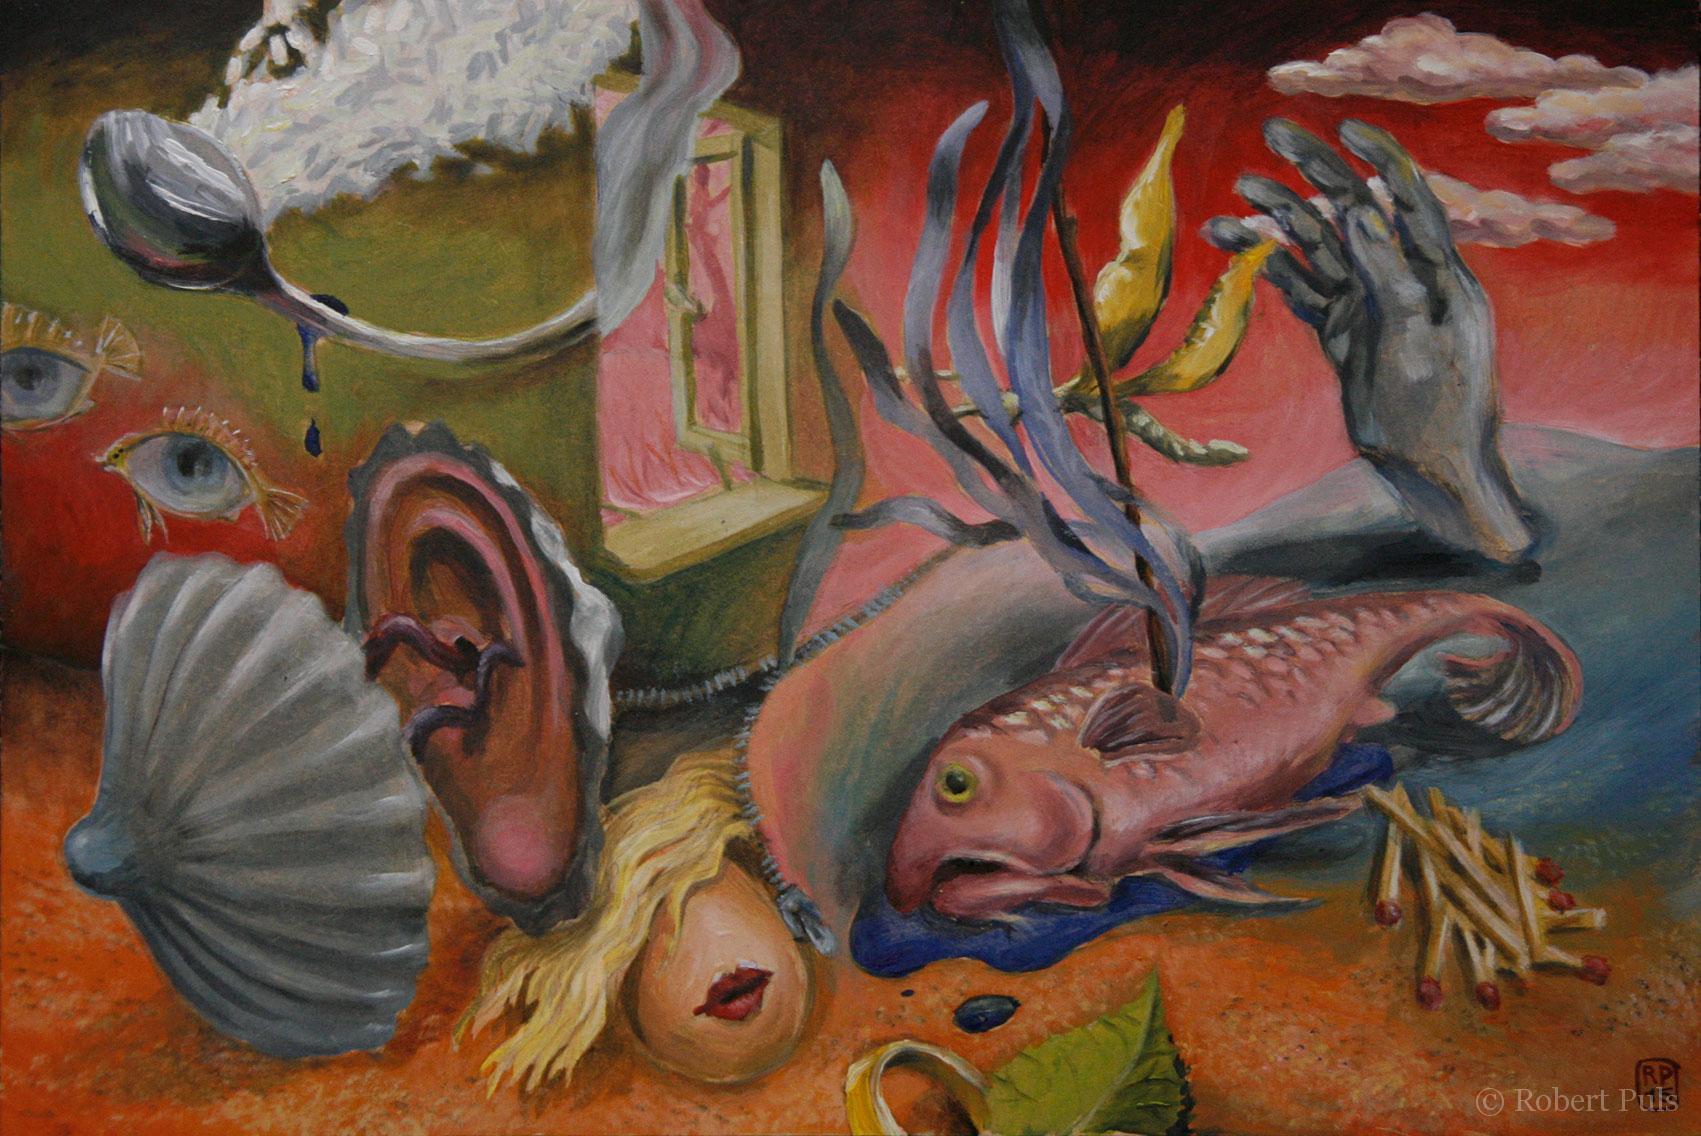 Menschliches 4 Malerei Robert Puls